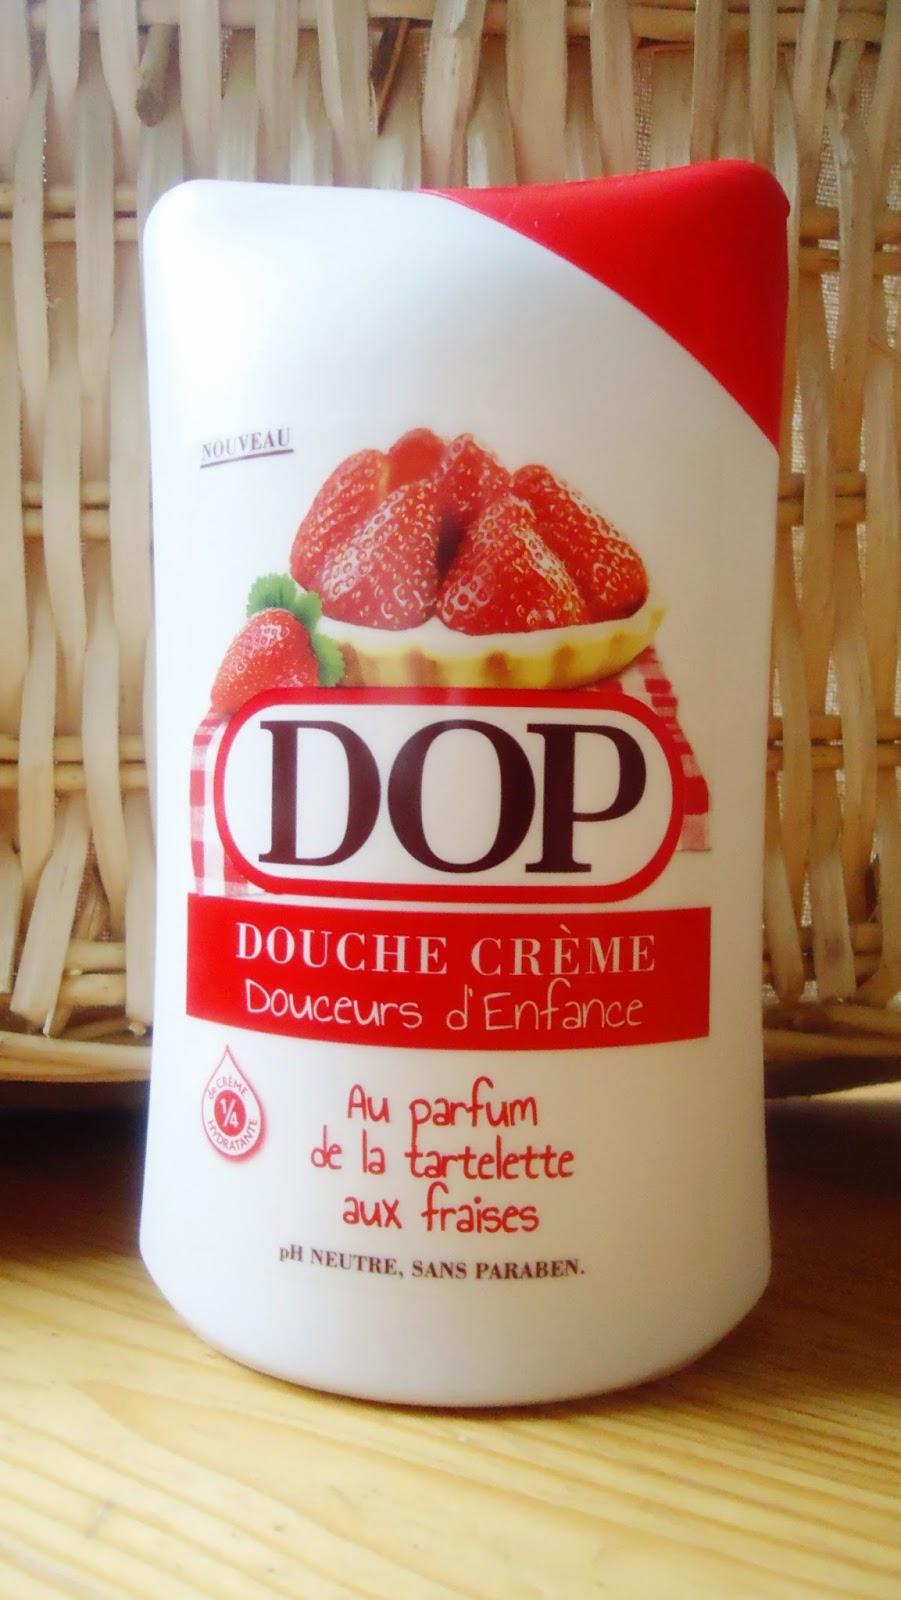 dop douche crème au parfum de tartelette aux fraises